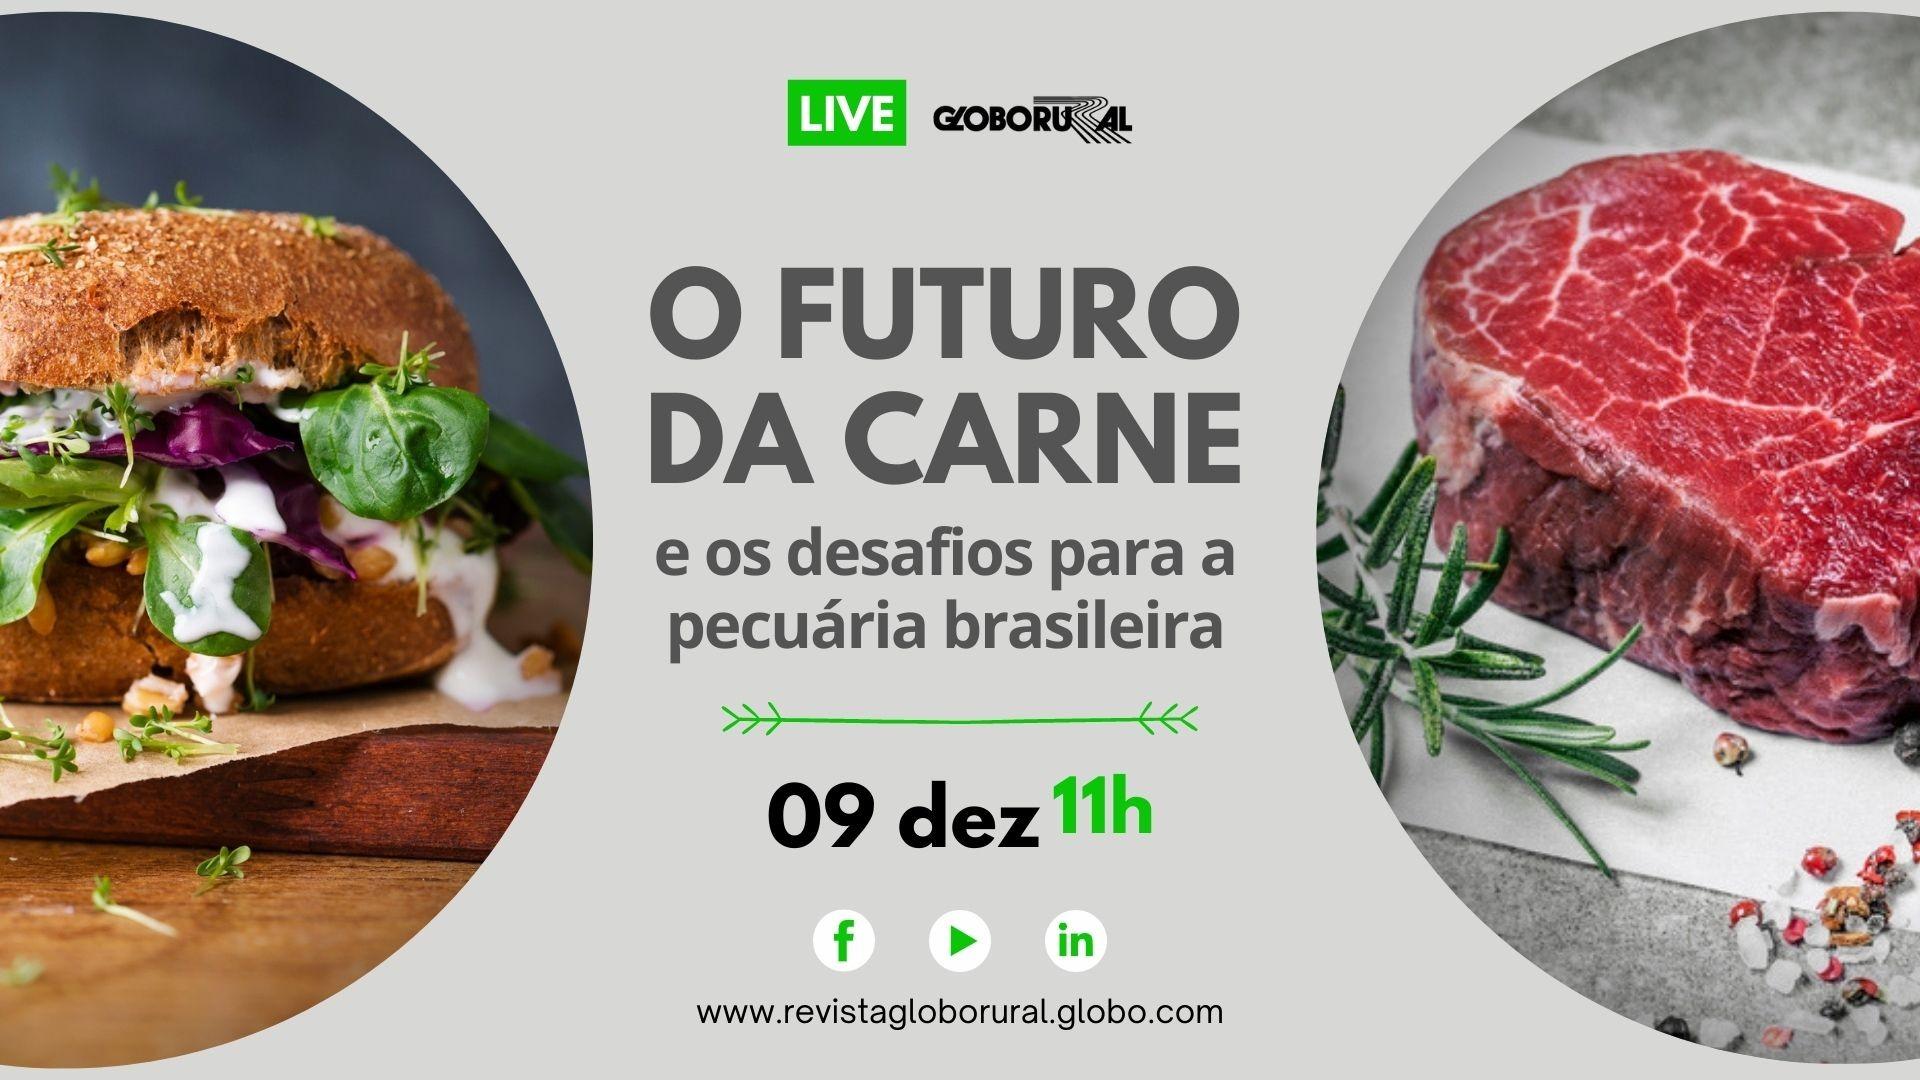 Live sobre o futuro da carne (Foto: Estúdio de Criação)